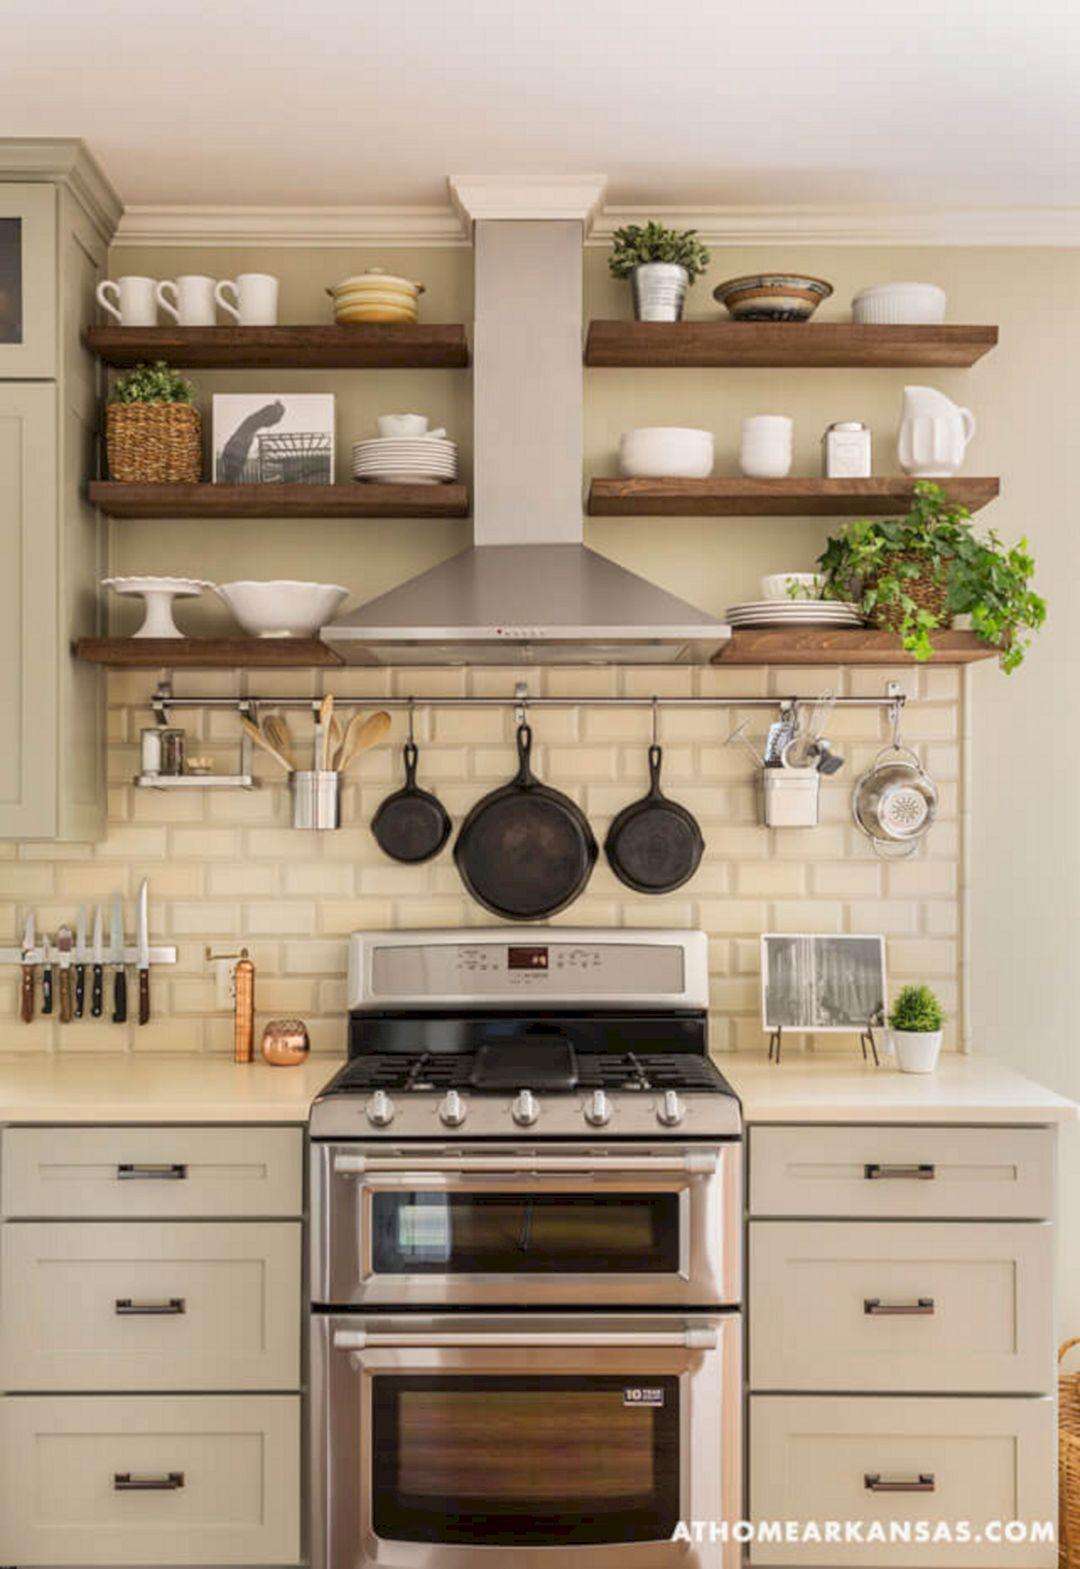 Awesome farmhouse kitchen design ideas home decor pinterest